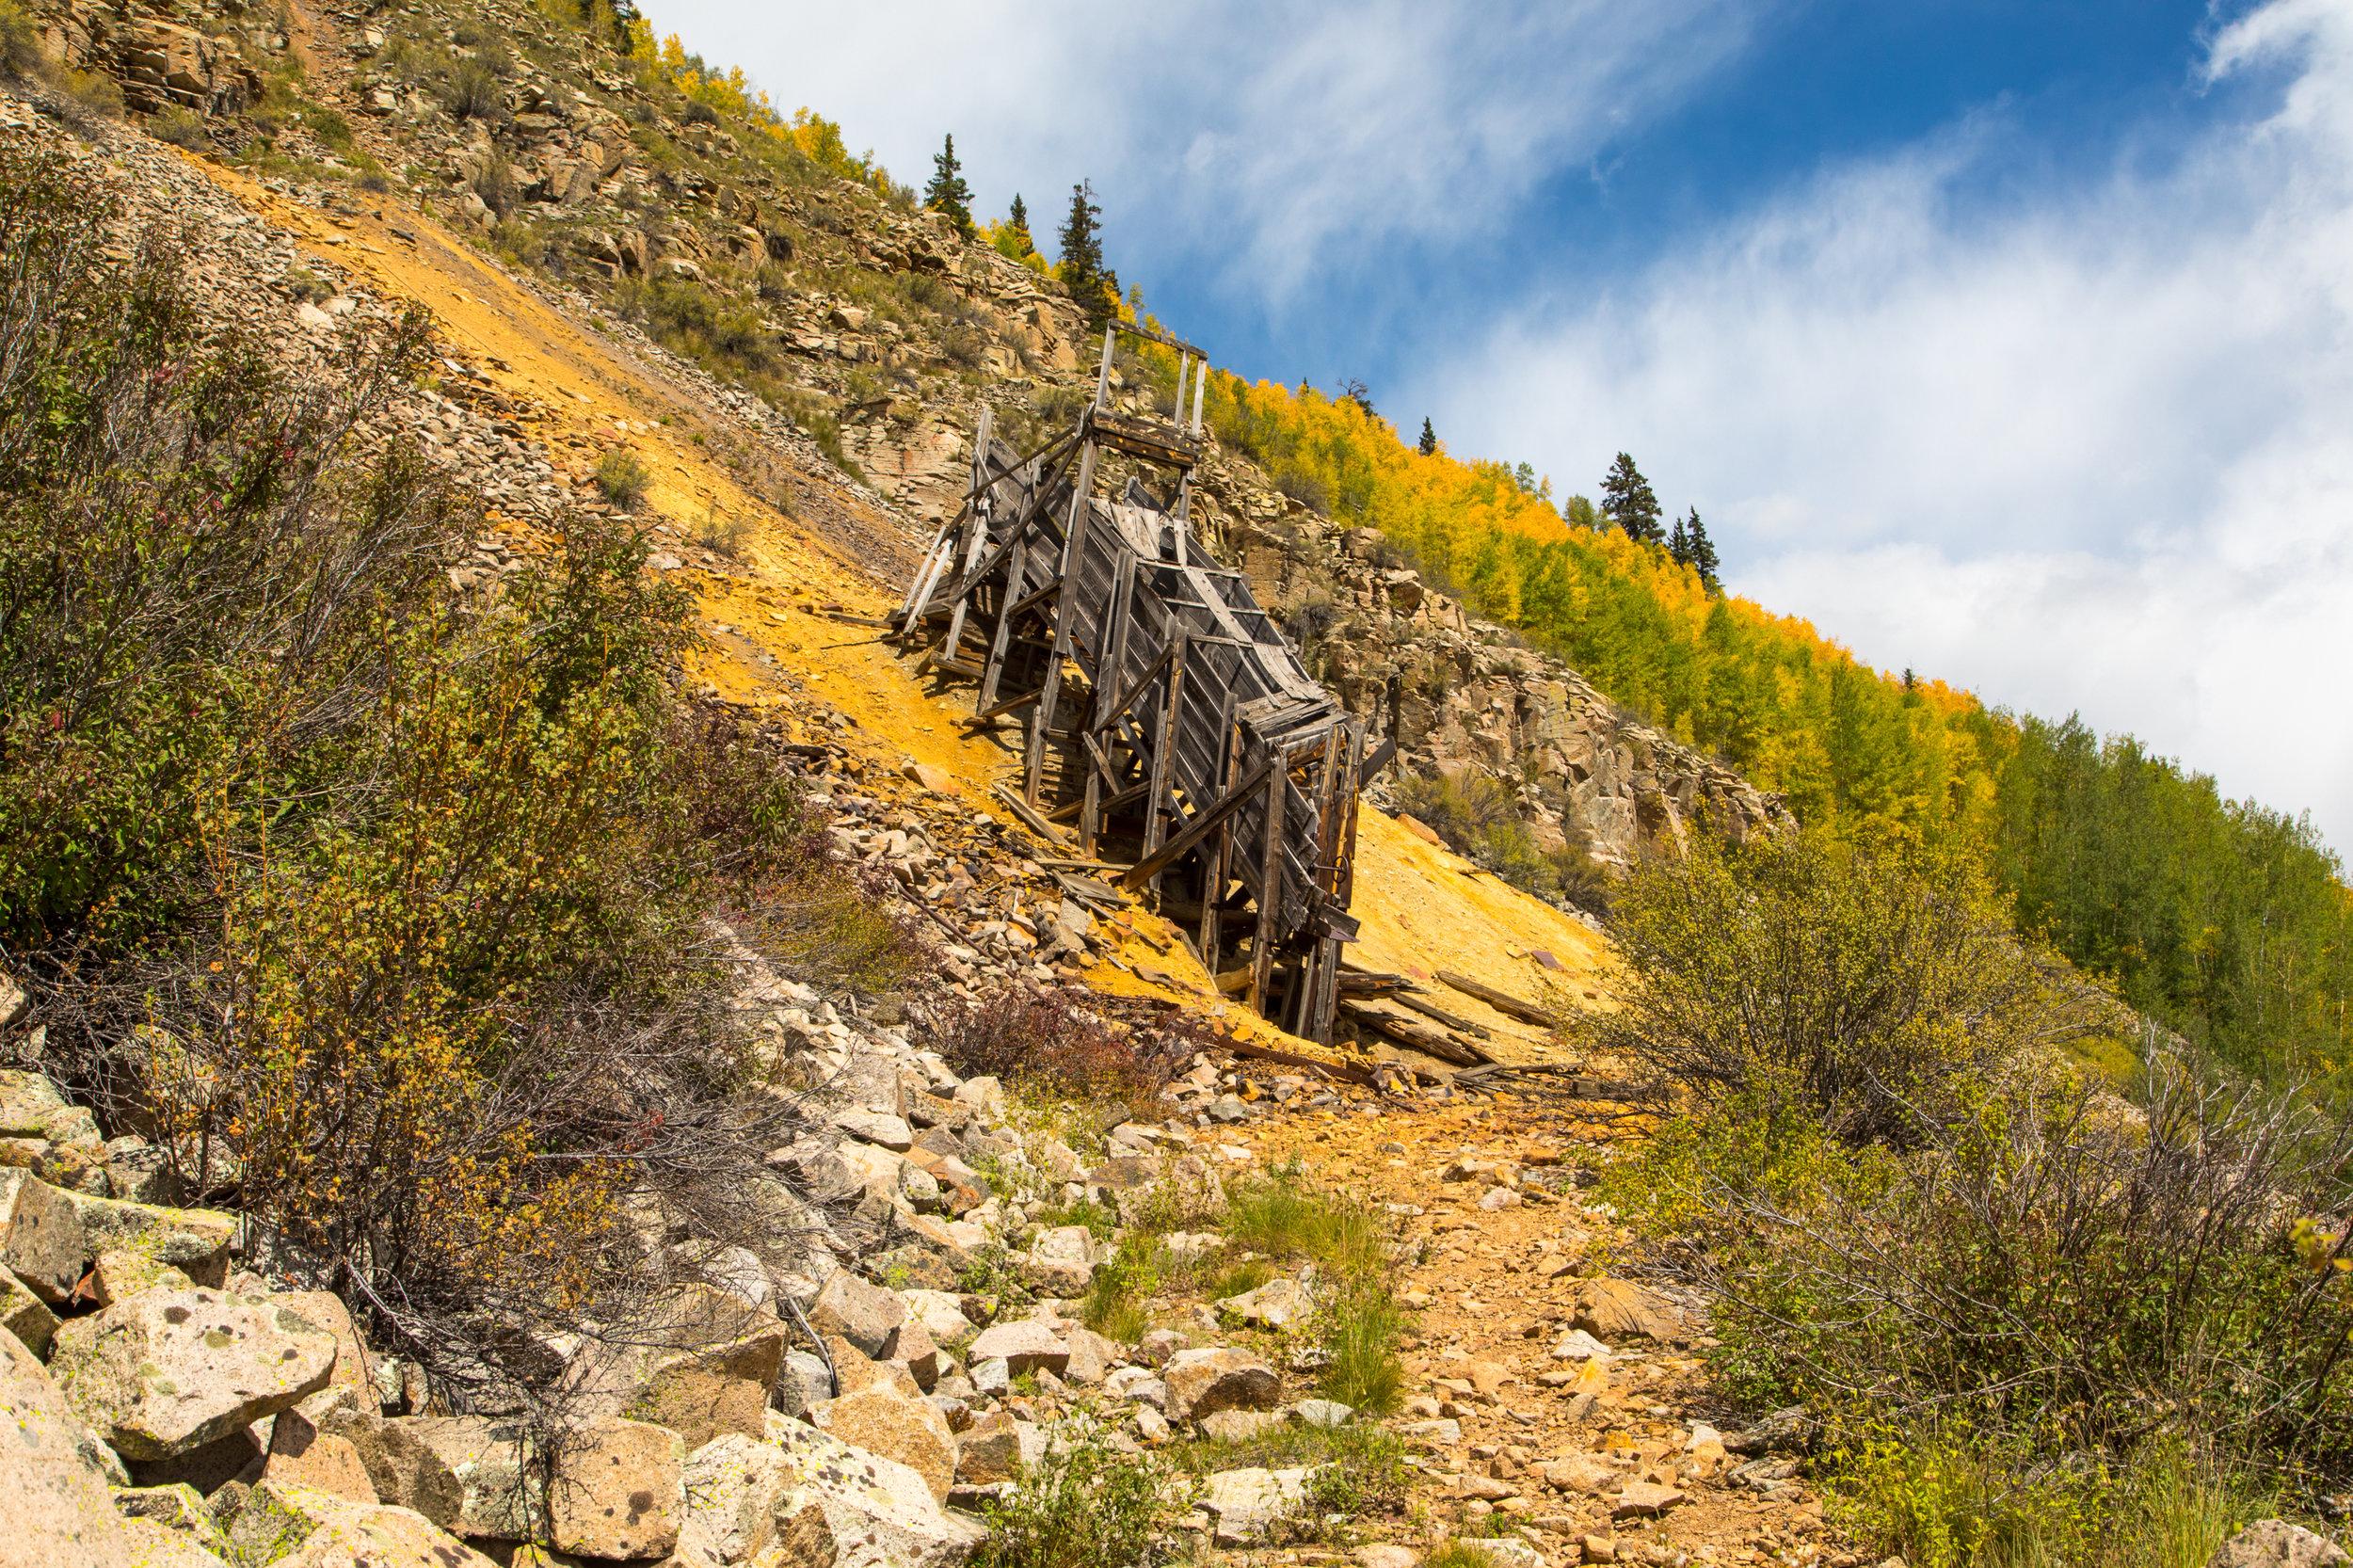 Silverton, Colorado, Image # 0788